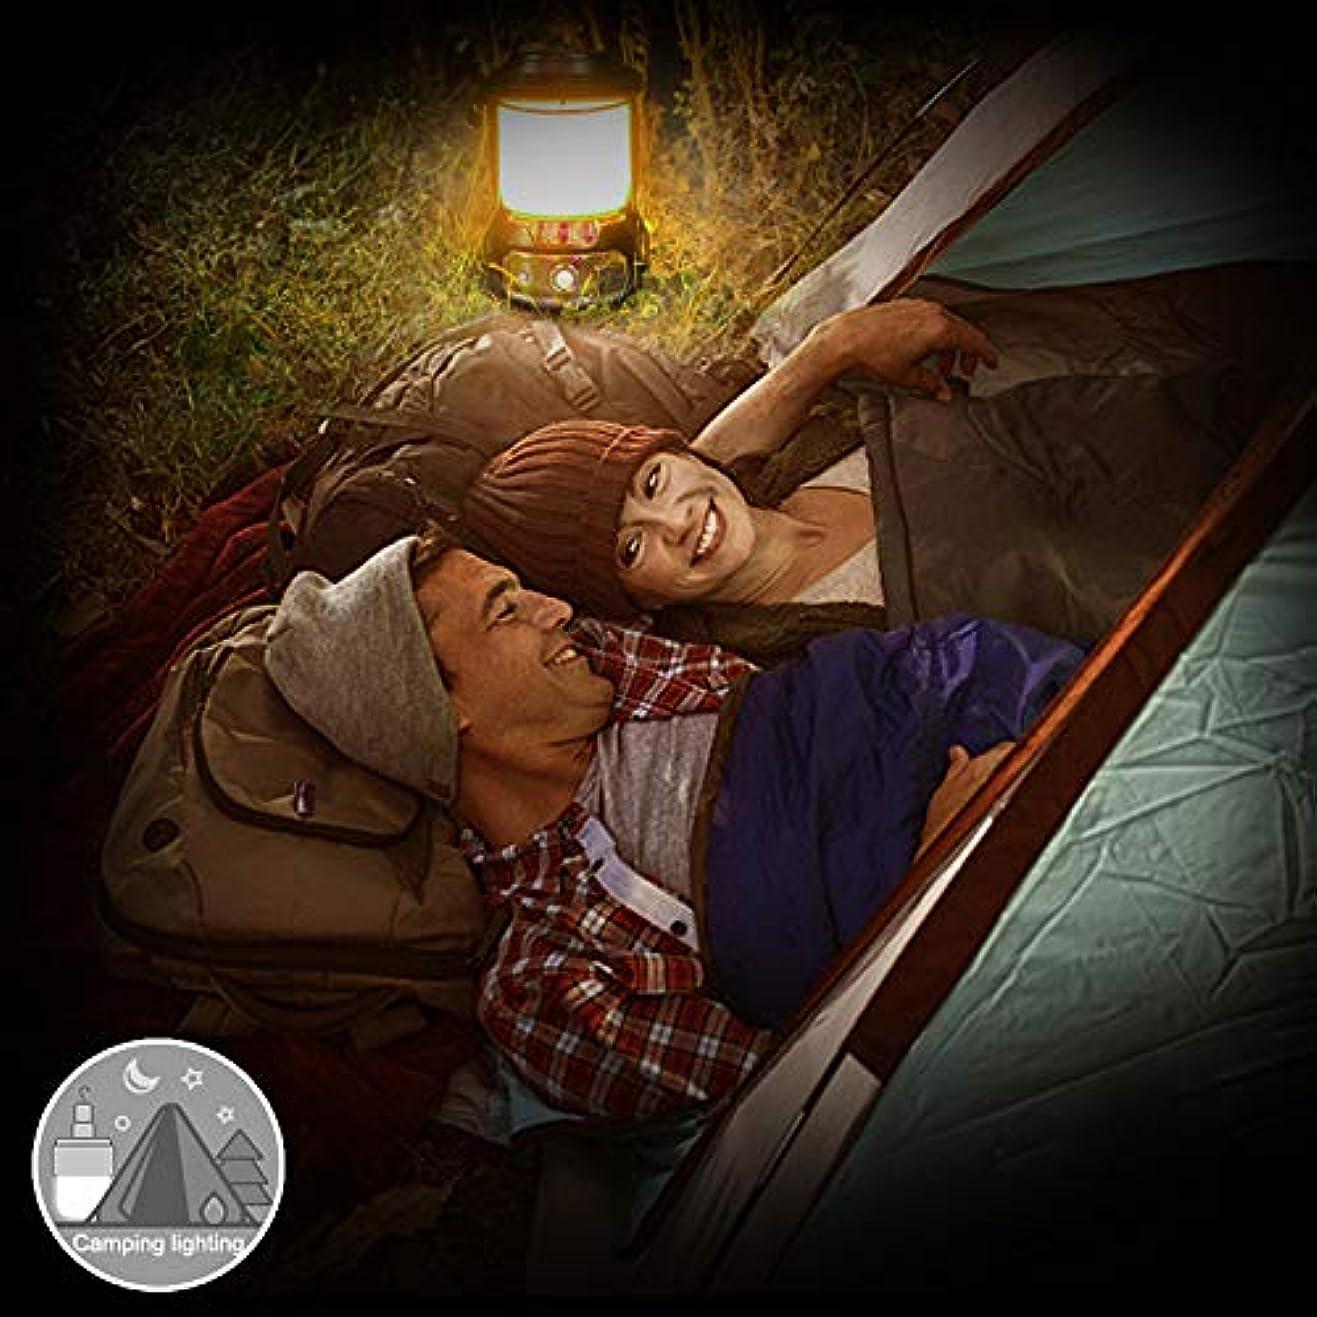 倍増軽減ブレーキキャンプライト Majoreal 多機能の屋外のキャンプライトLED再充電可能な携帯用非常灯